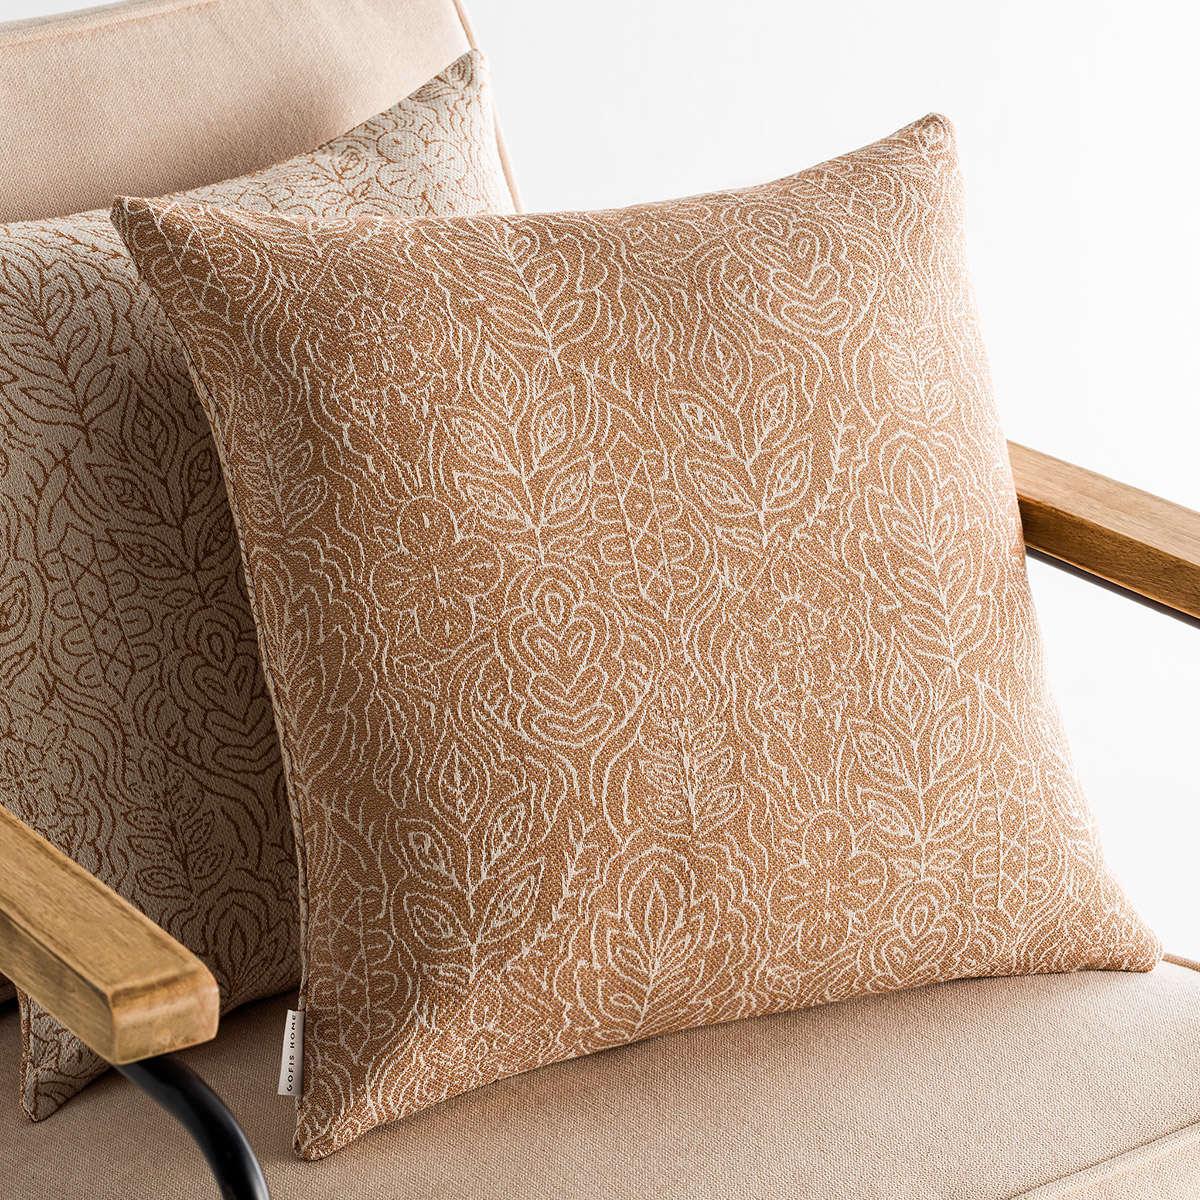 Μαξιλαροθήκη Διακοσμητική Mandala Brown 140/13 Gofis Home 50X50 Βαμβάκι-Polyester